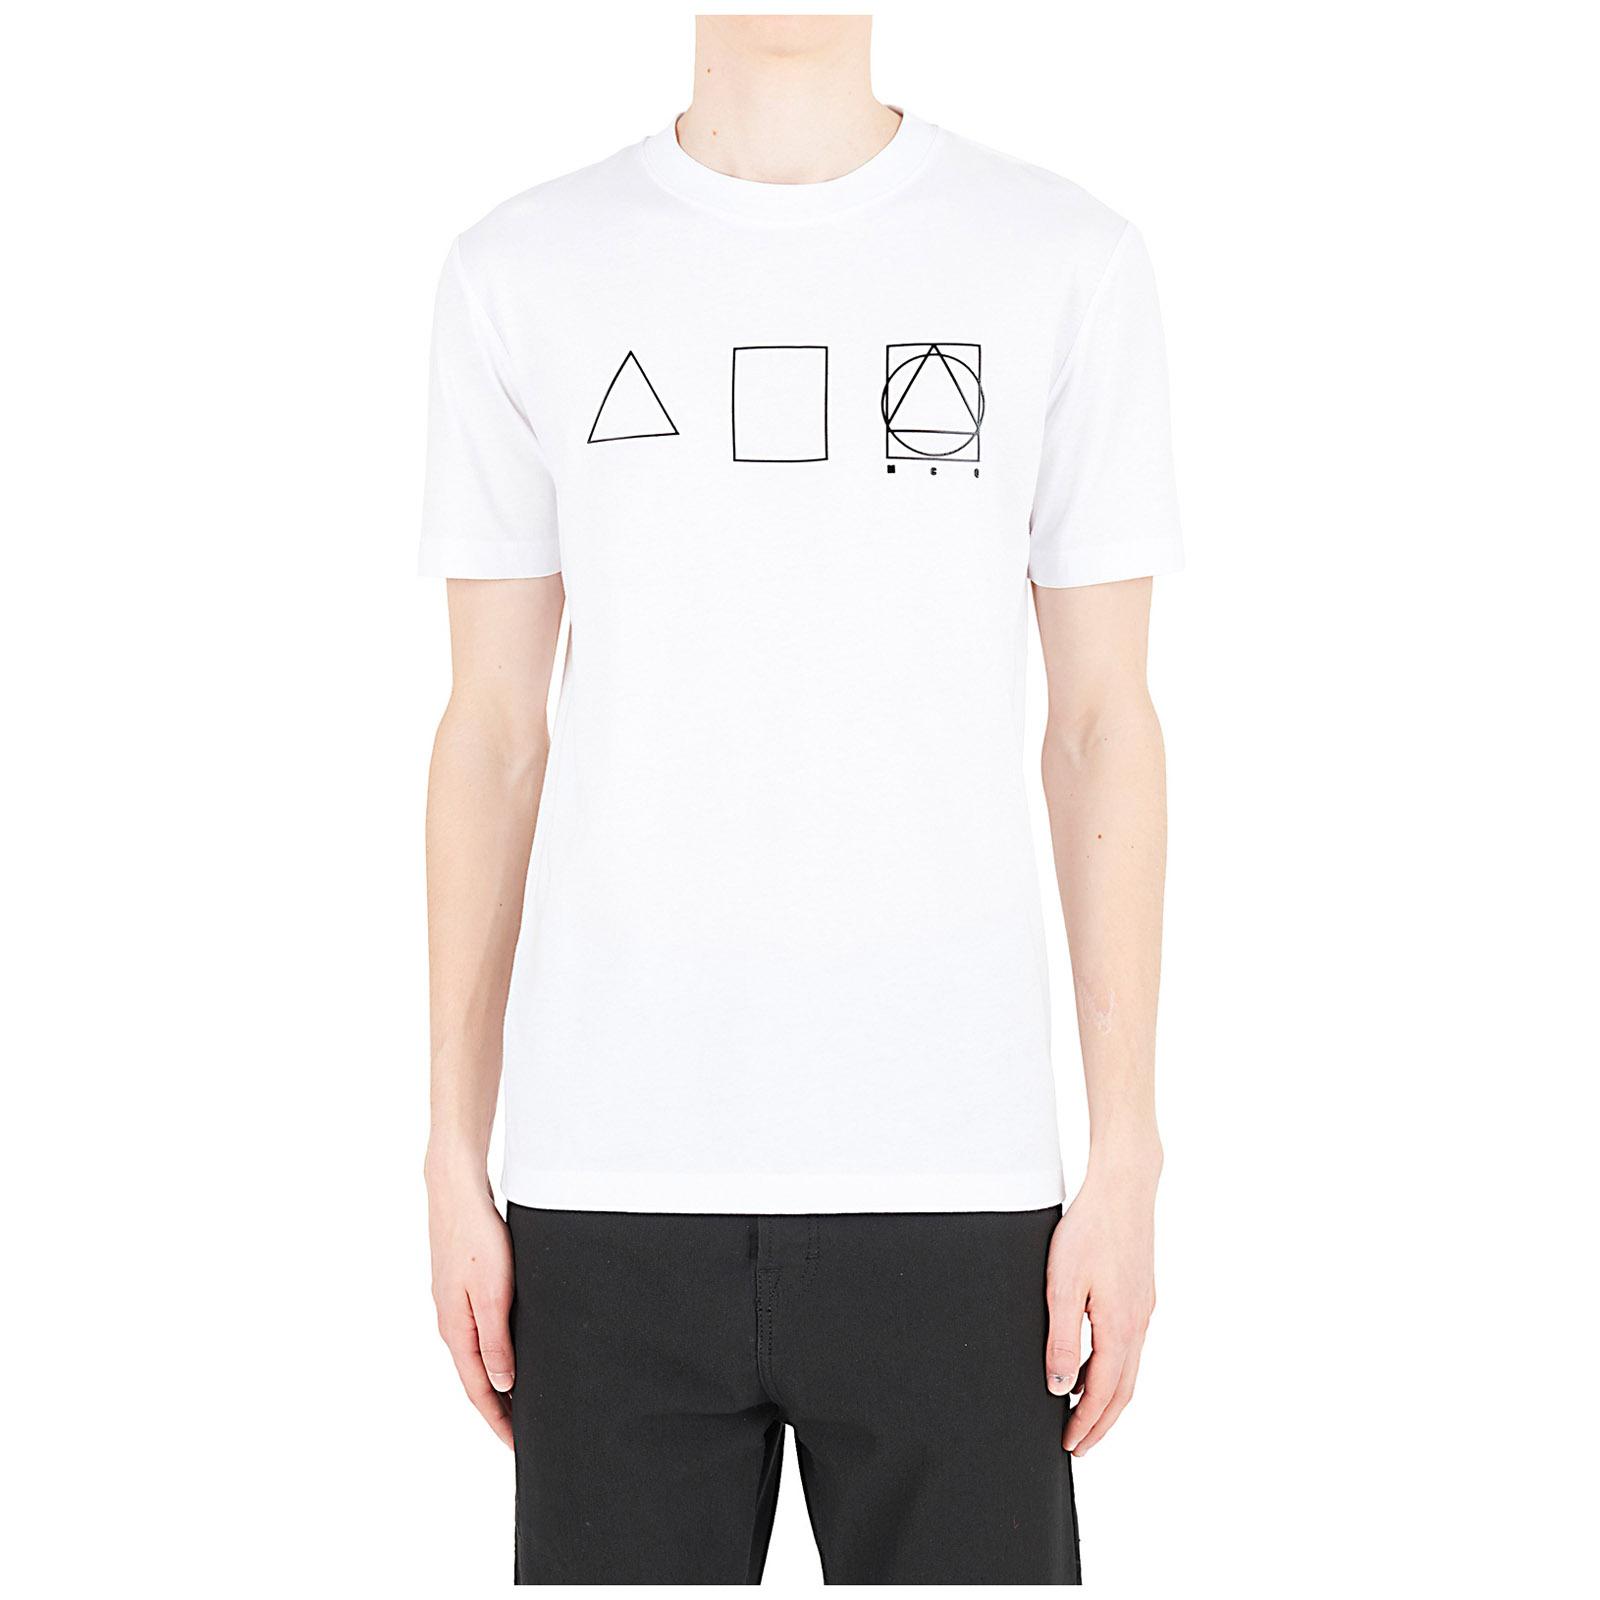 Camiseta de manga corta cuello redondo hombre glyph icon